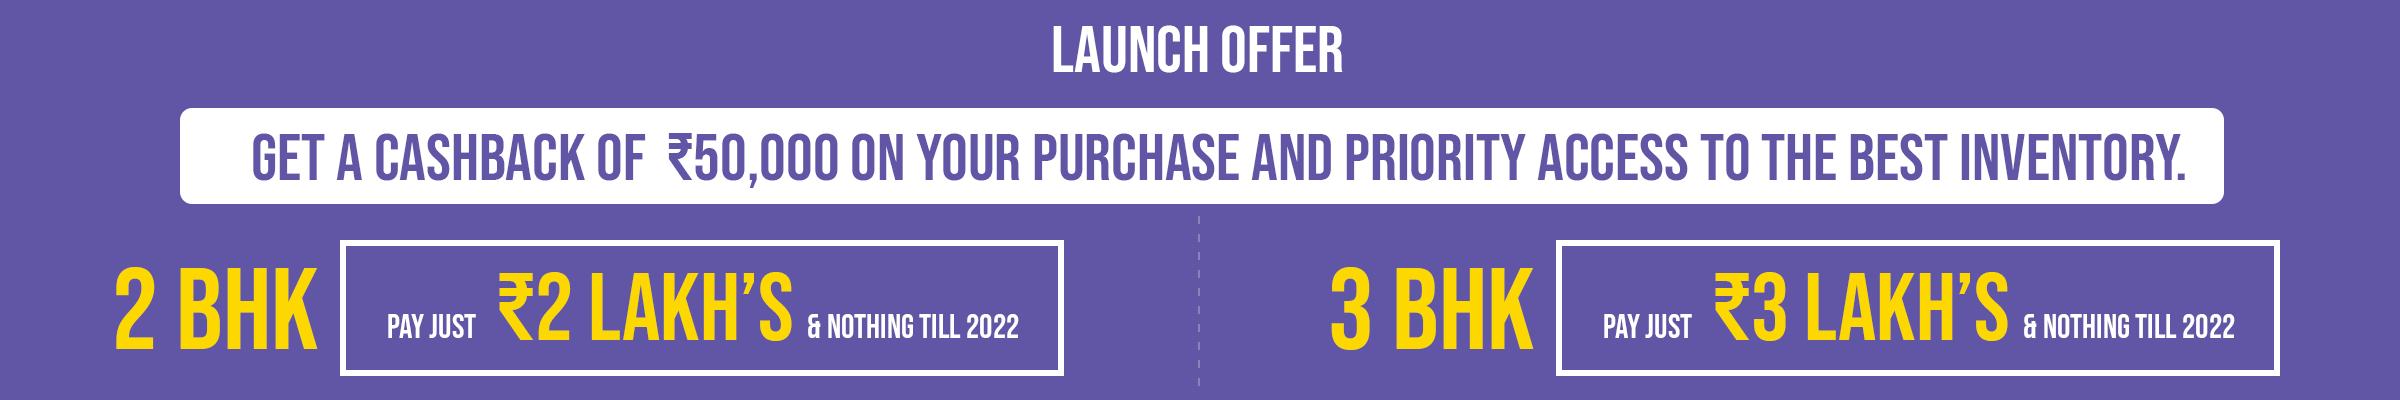 shriram codename breakfree launch offer